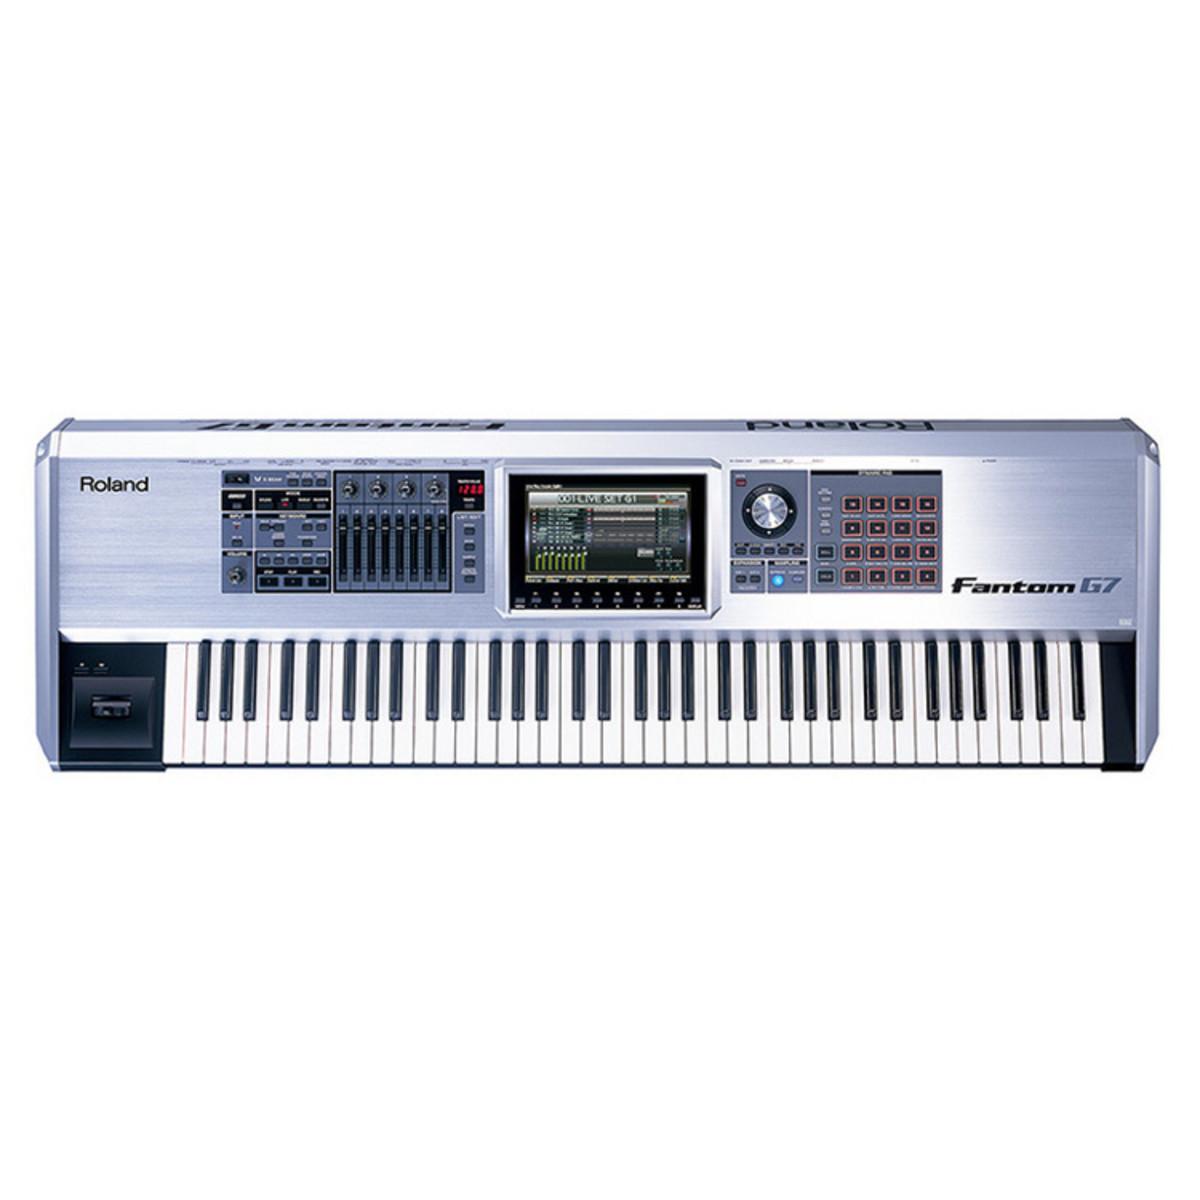 roland fantom g7 keyboard workstation at gear4music. Black Bedroom Furniture Sets. Home Design Ideas